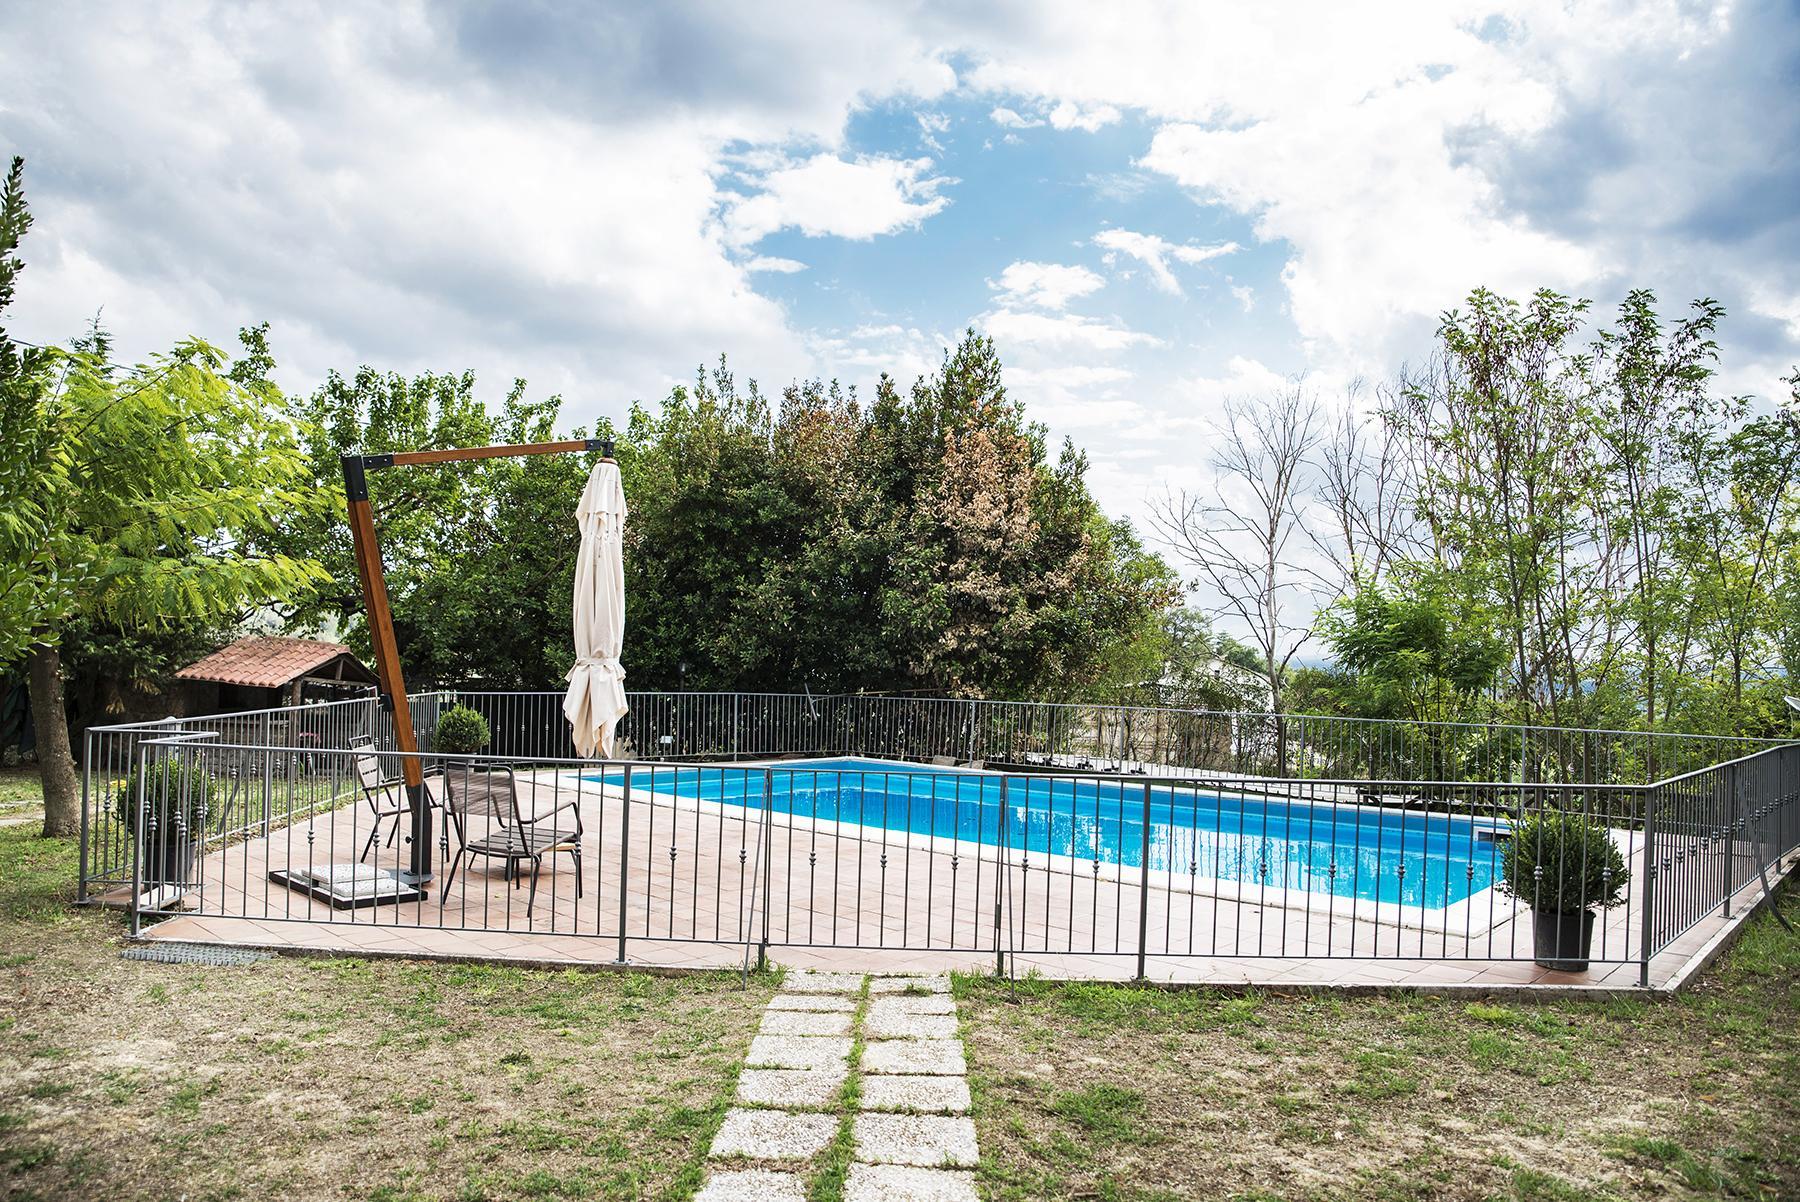 拥有游泳池历史悠久的农舍 - 4